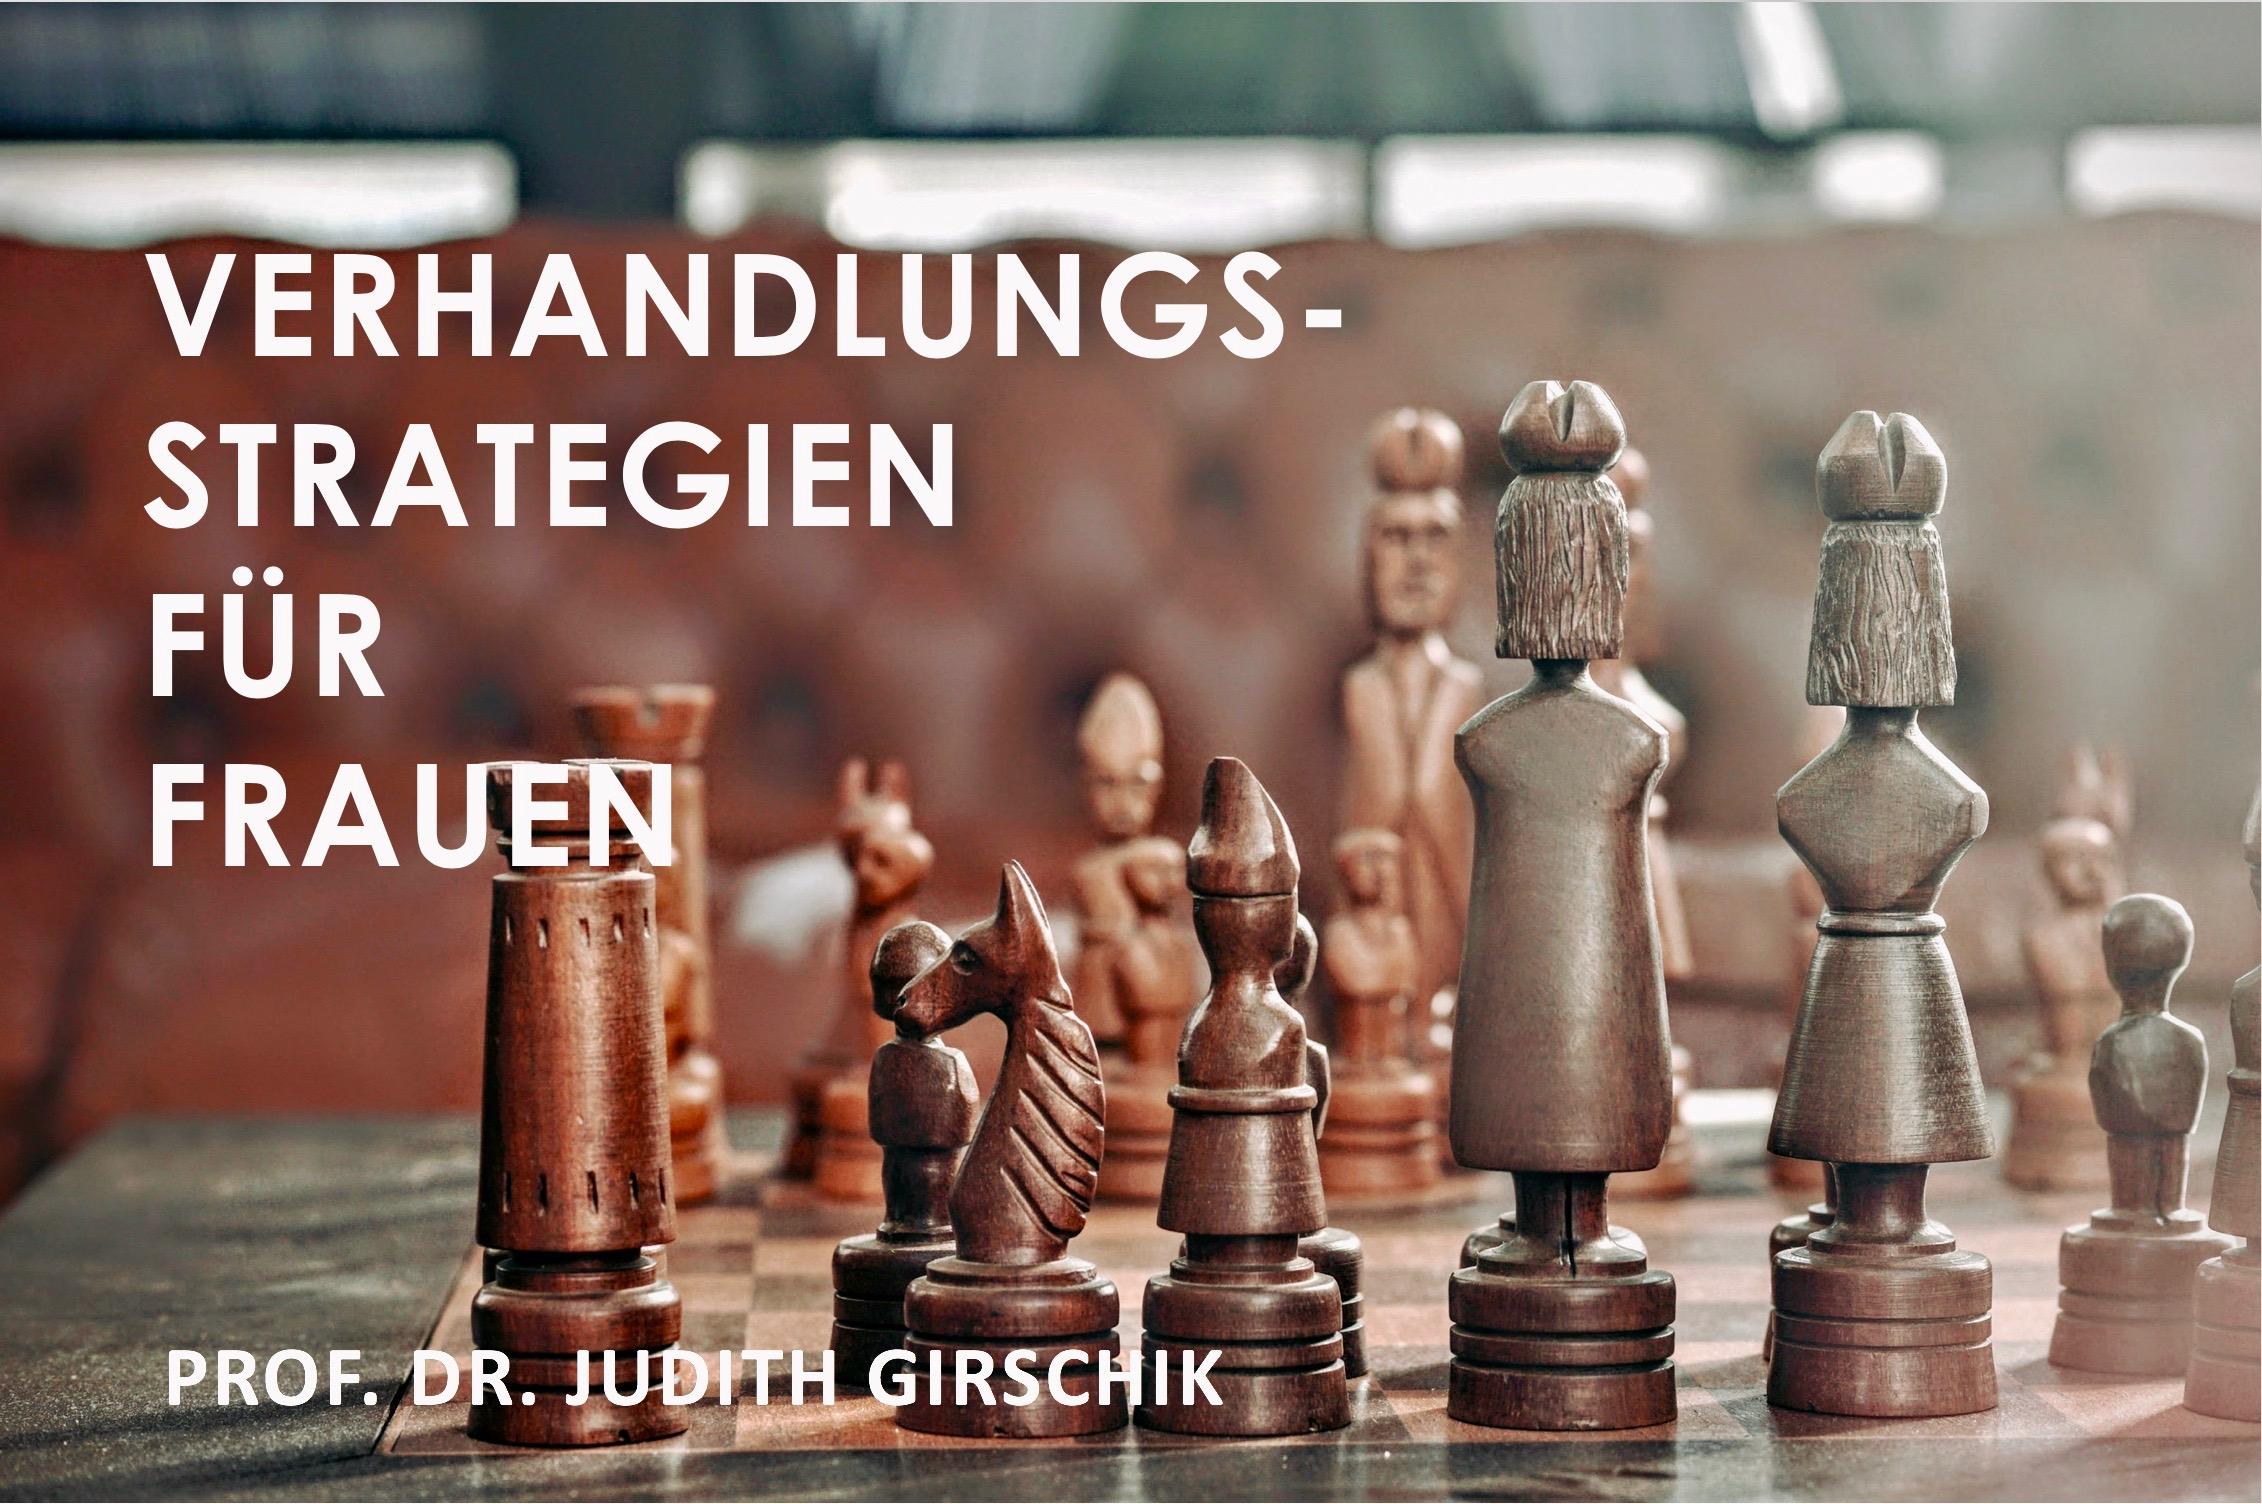 Verhandlungstechnik für Frauen - Vortrag von Dr. Judith Girschik